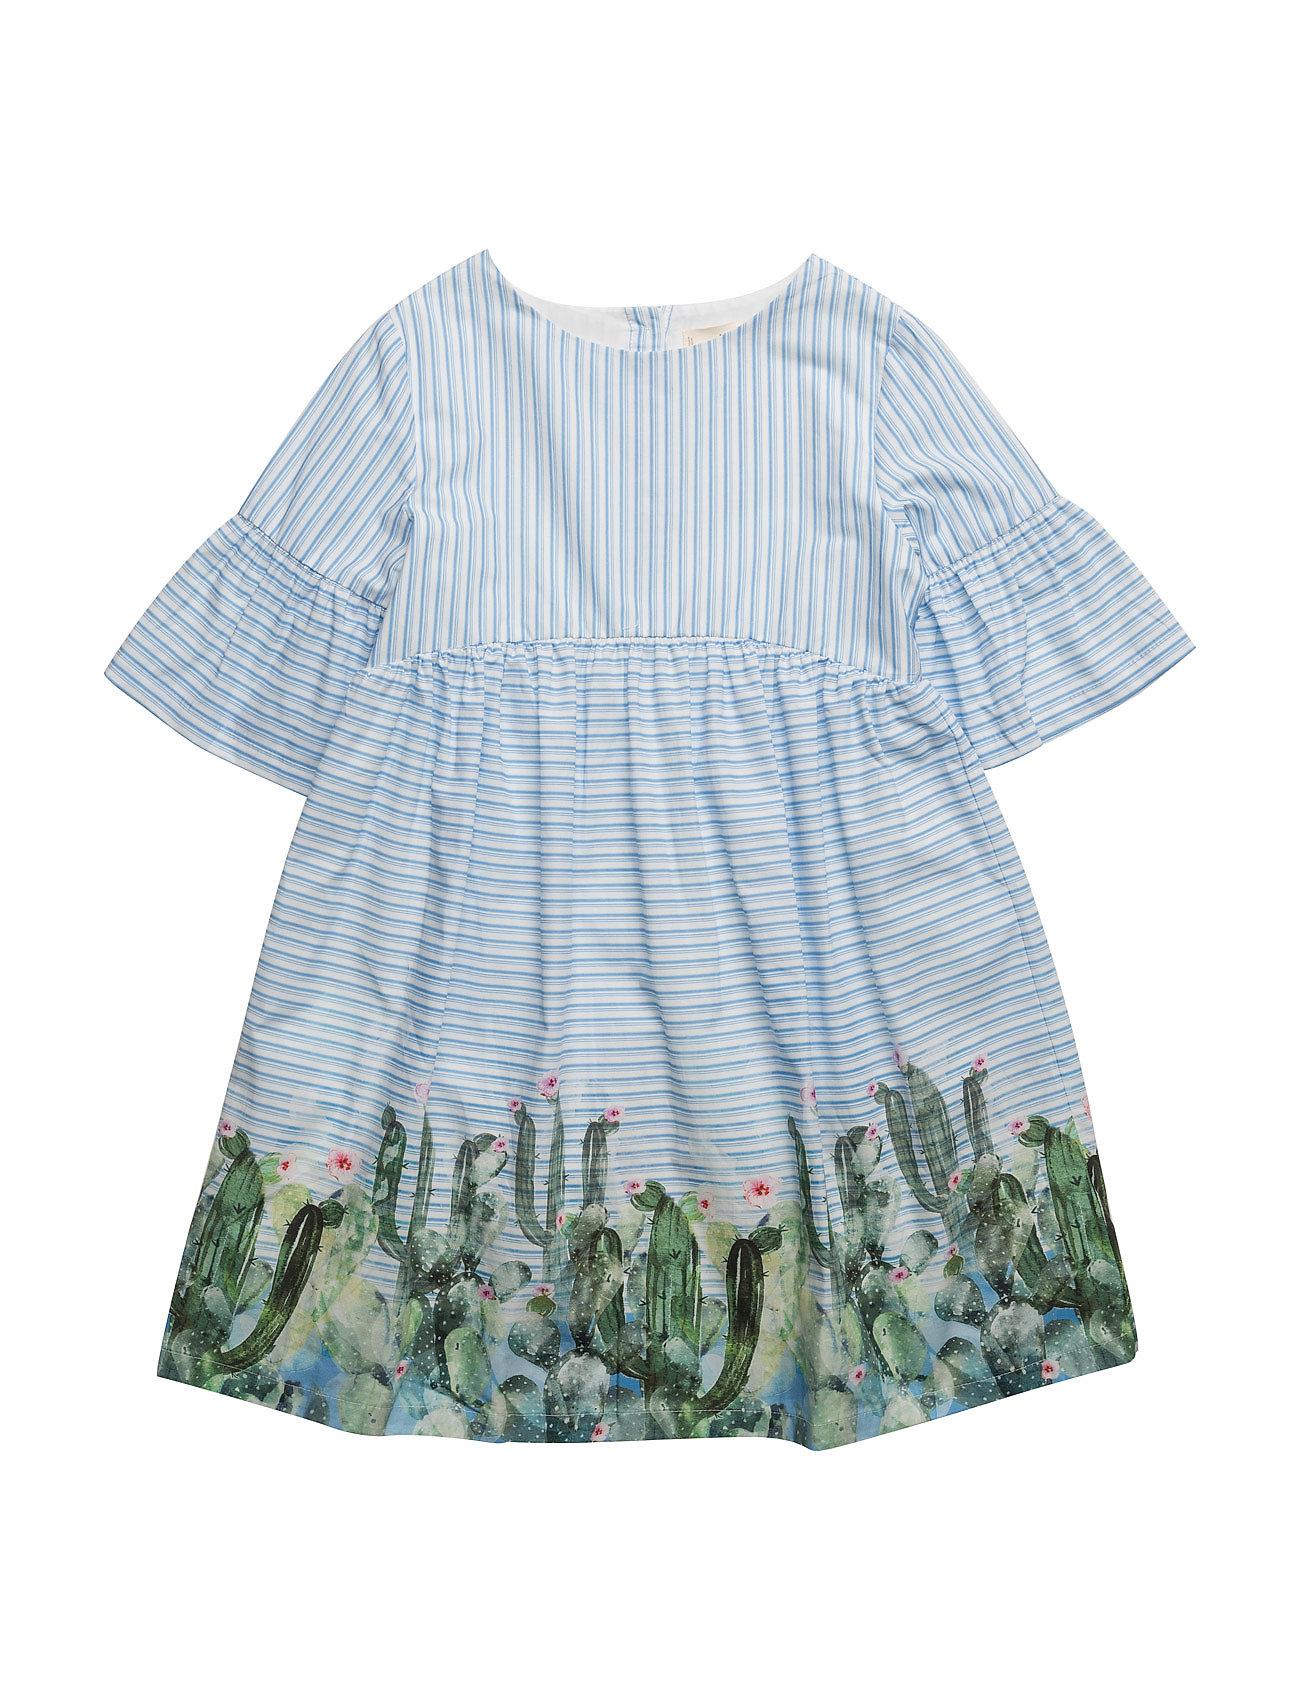 5d51a490b103 Printed Cotton Dress Mango Kids Kjoler til Børn i Lt-Pastel blå ...